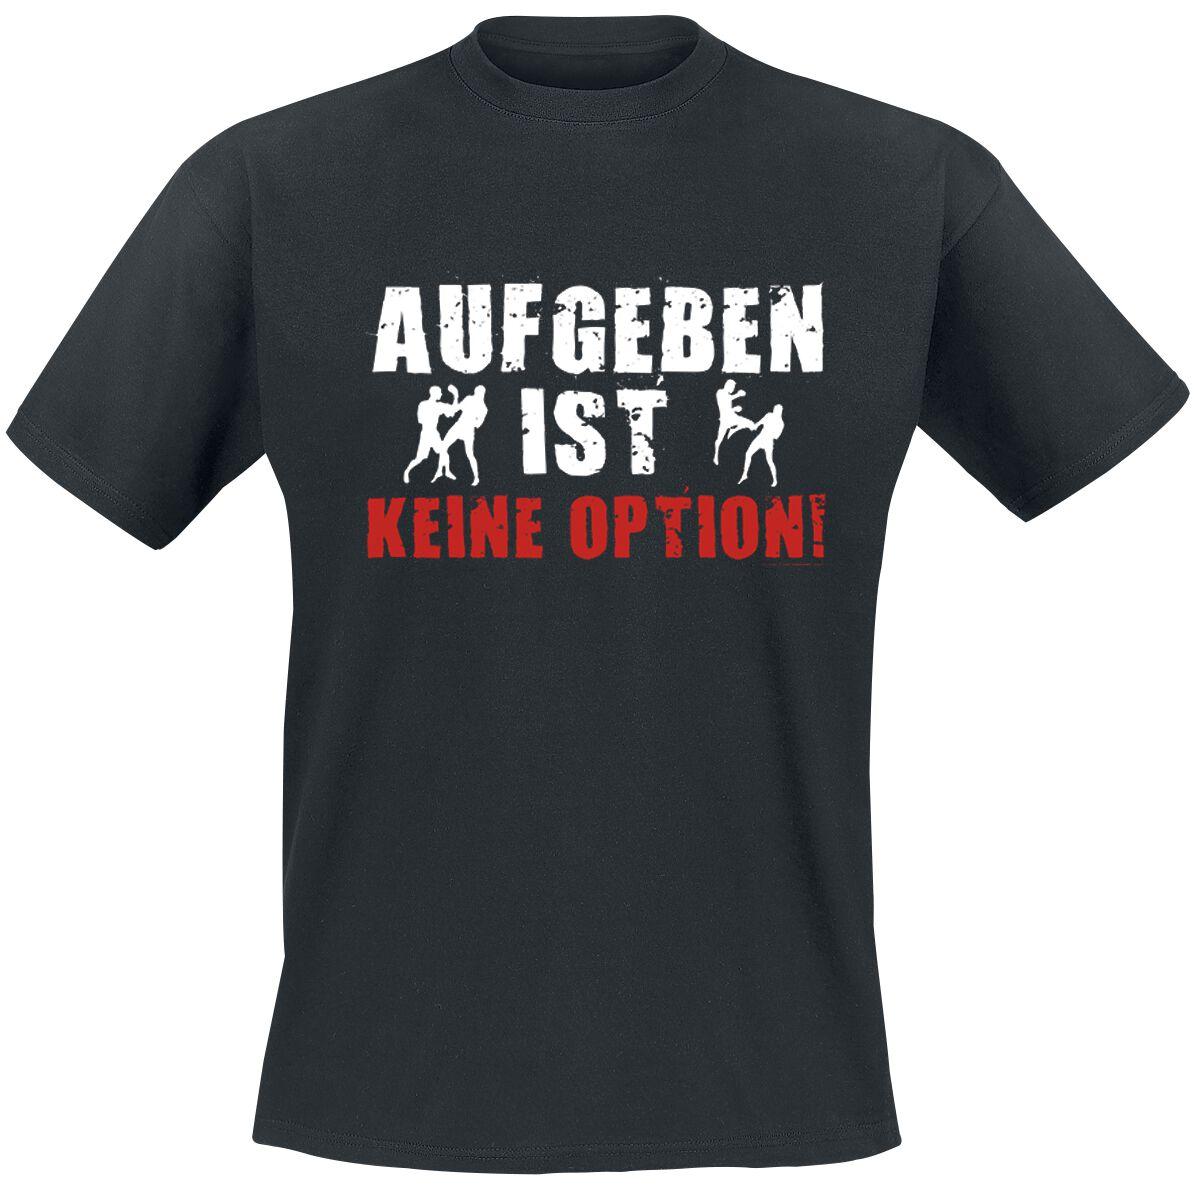 Image of Aufgeben ist keine Option T-Shirt schwarz